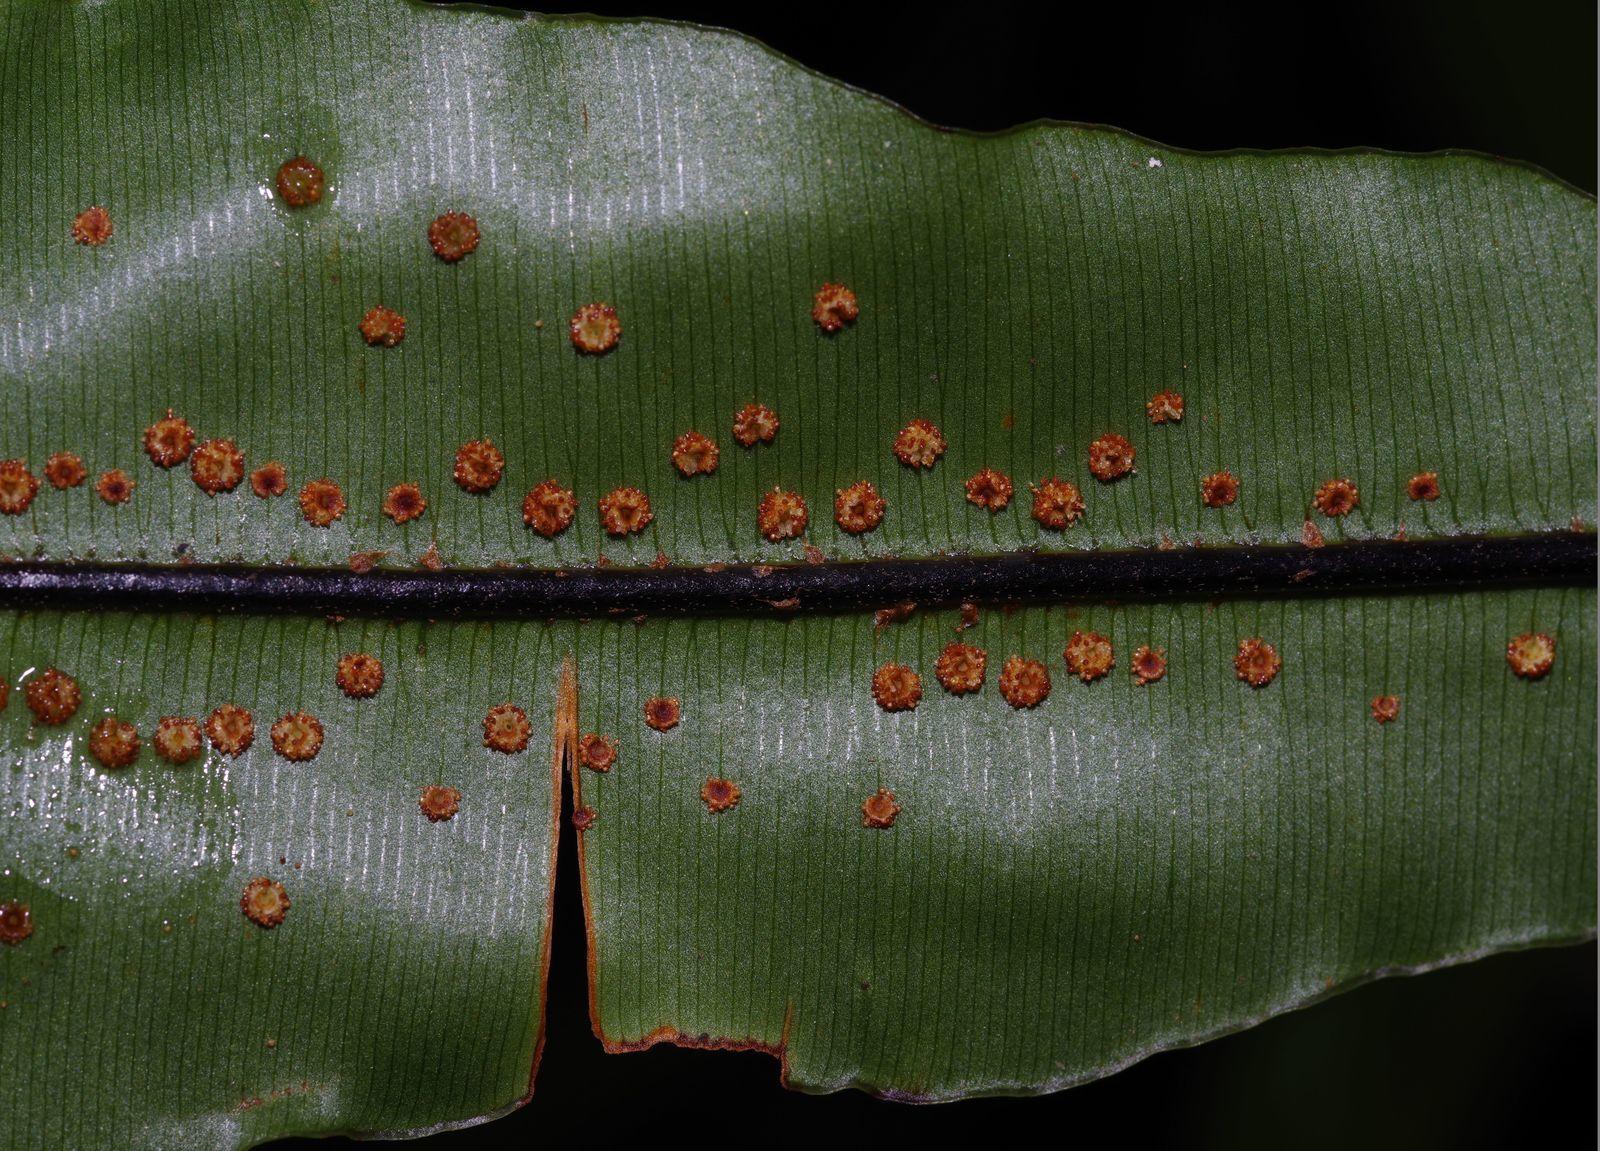 Oleandra articulata